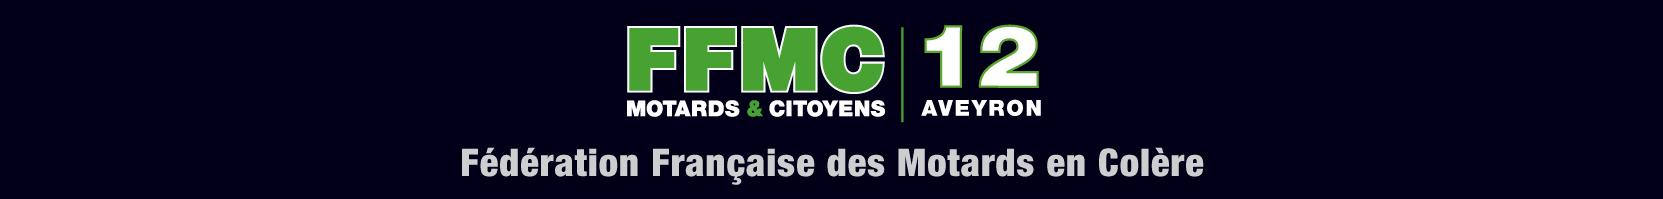 Les motards de l'Aveyron sont en colère